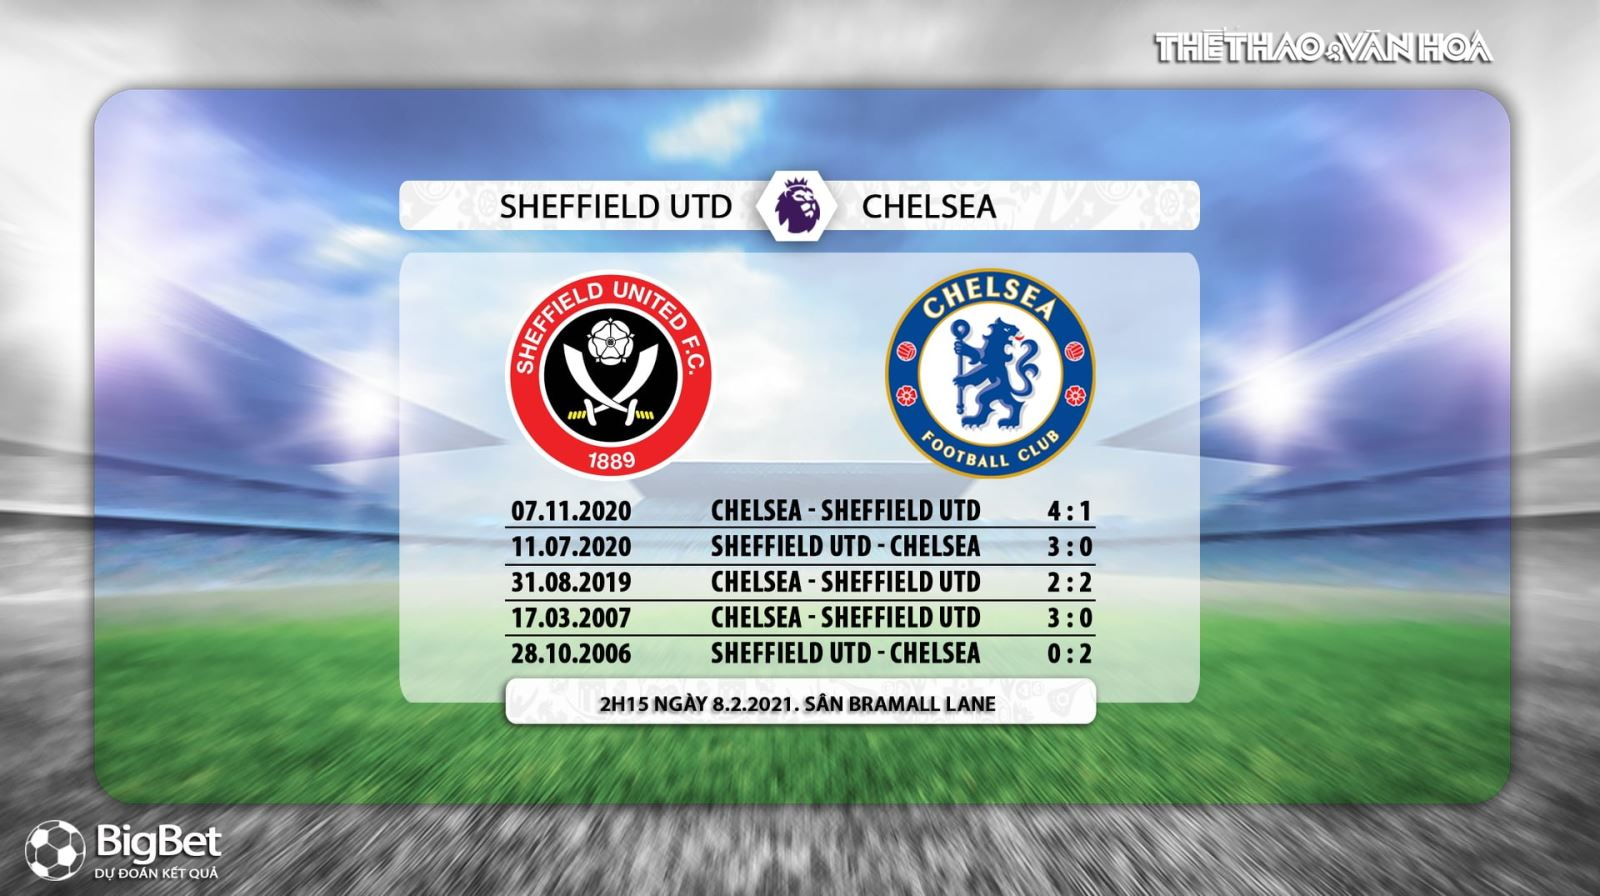 Keo nha cai,kèo nhà cái, Sheffield vs Chelsea, trực tiếp Ngoại hạng Anh, Trực tiếp K+PM, Trực tiếp bóng đá, Trực tiếp Chelsea đấu với Sheffield, Kèo bóng đá Chelsea